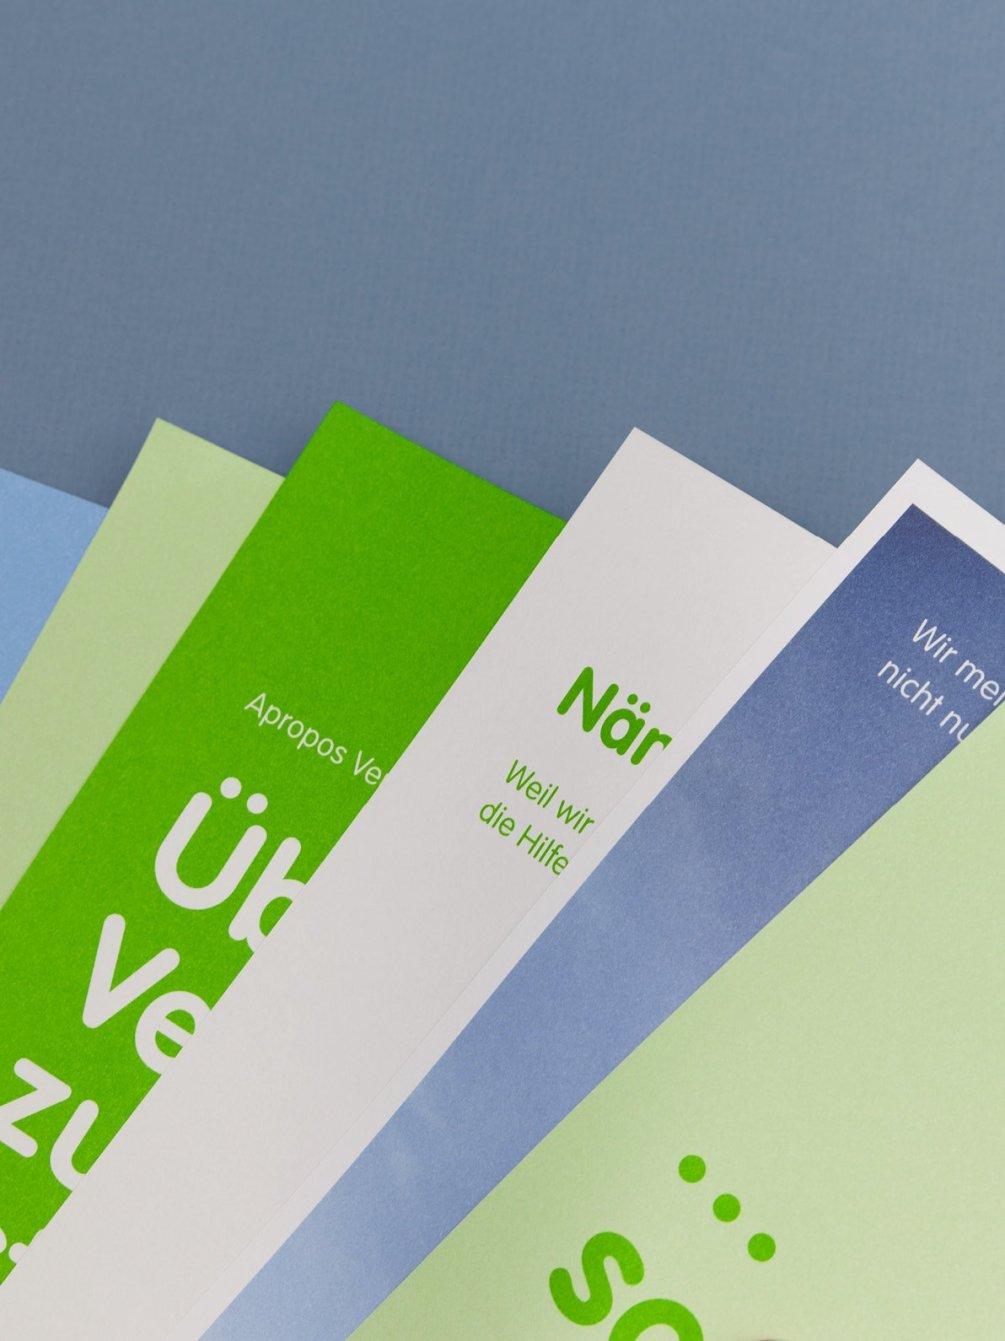 energie-steiermark-jahresbericht-2012_moodley-brand-identity_moodley-brand-identity_3-1200x1600